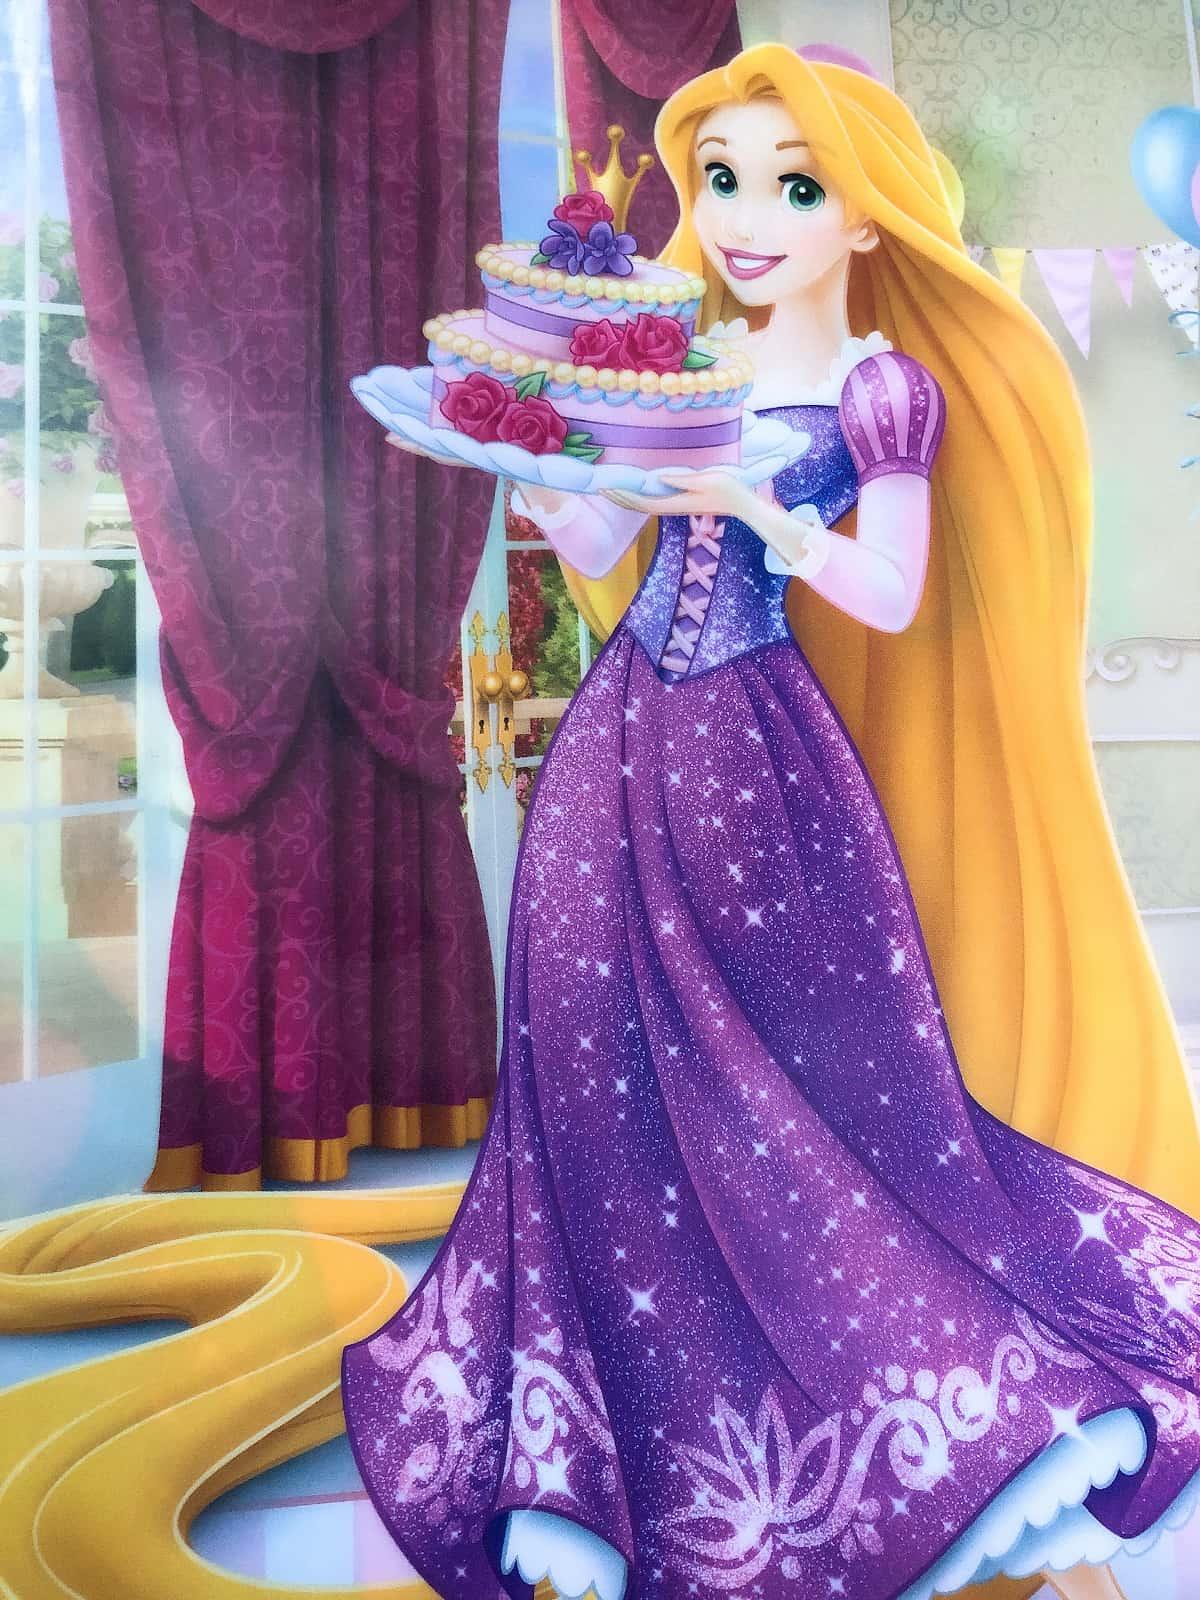 ケーキを持つラプンツェル